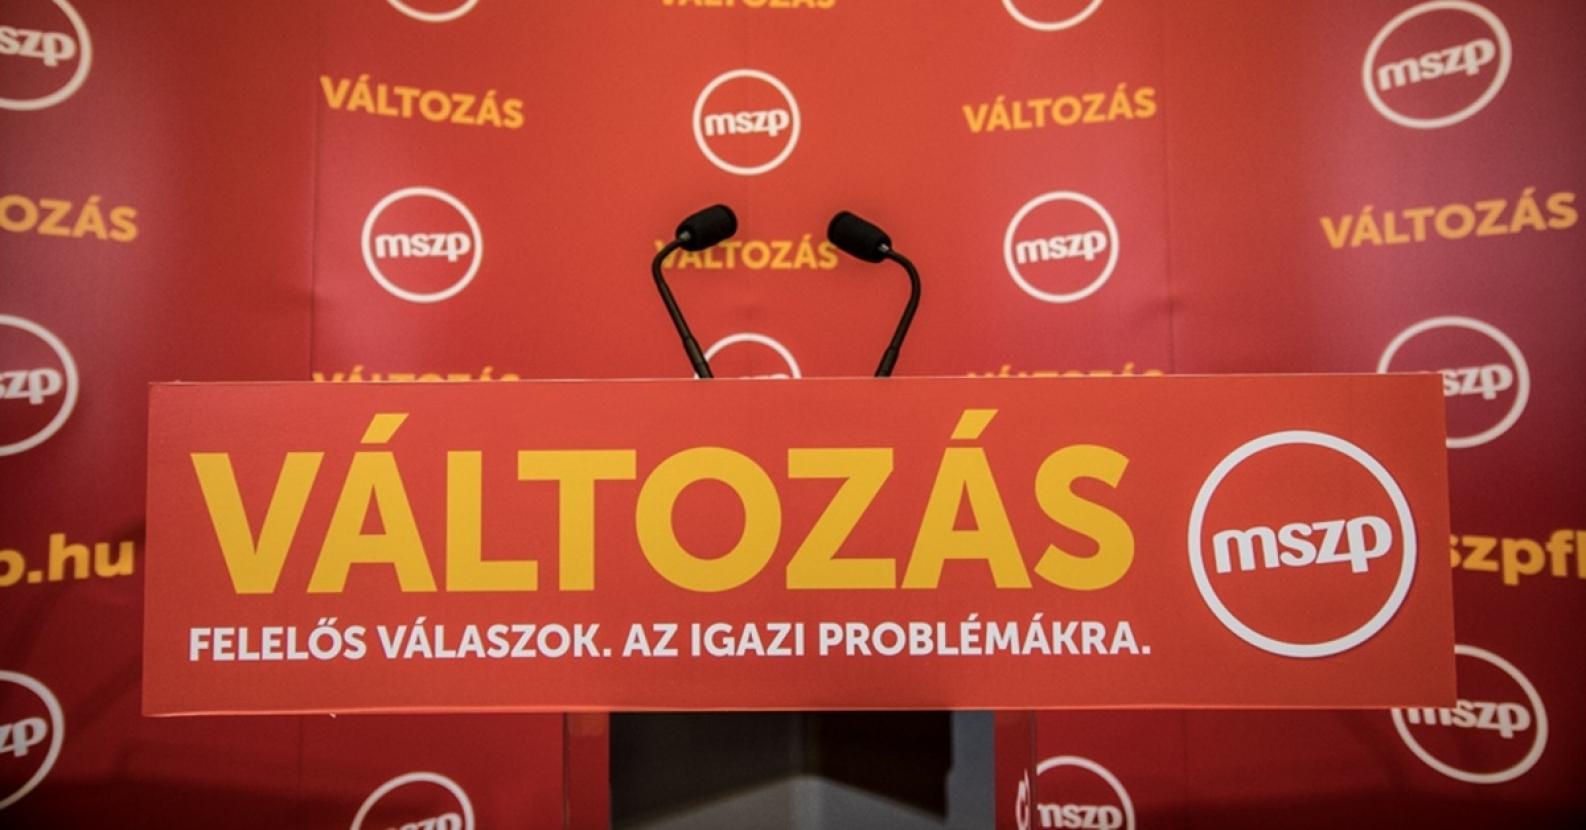 Az MSZP Baloldali Tömörülés Platformja kiáll Botka programja mellett